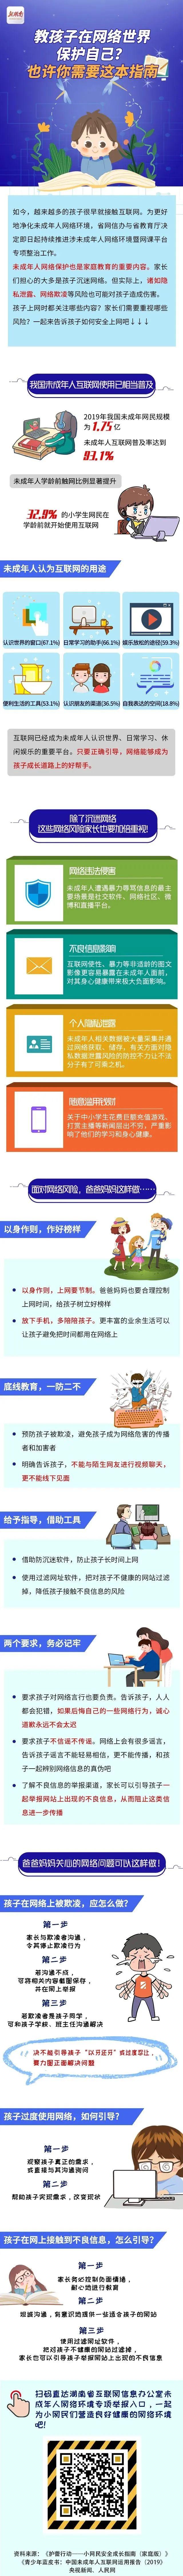 教孩子在网络世界保护自己,你需要这本指南!图片